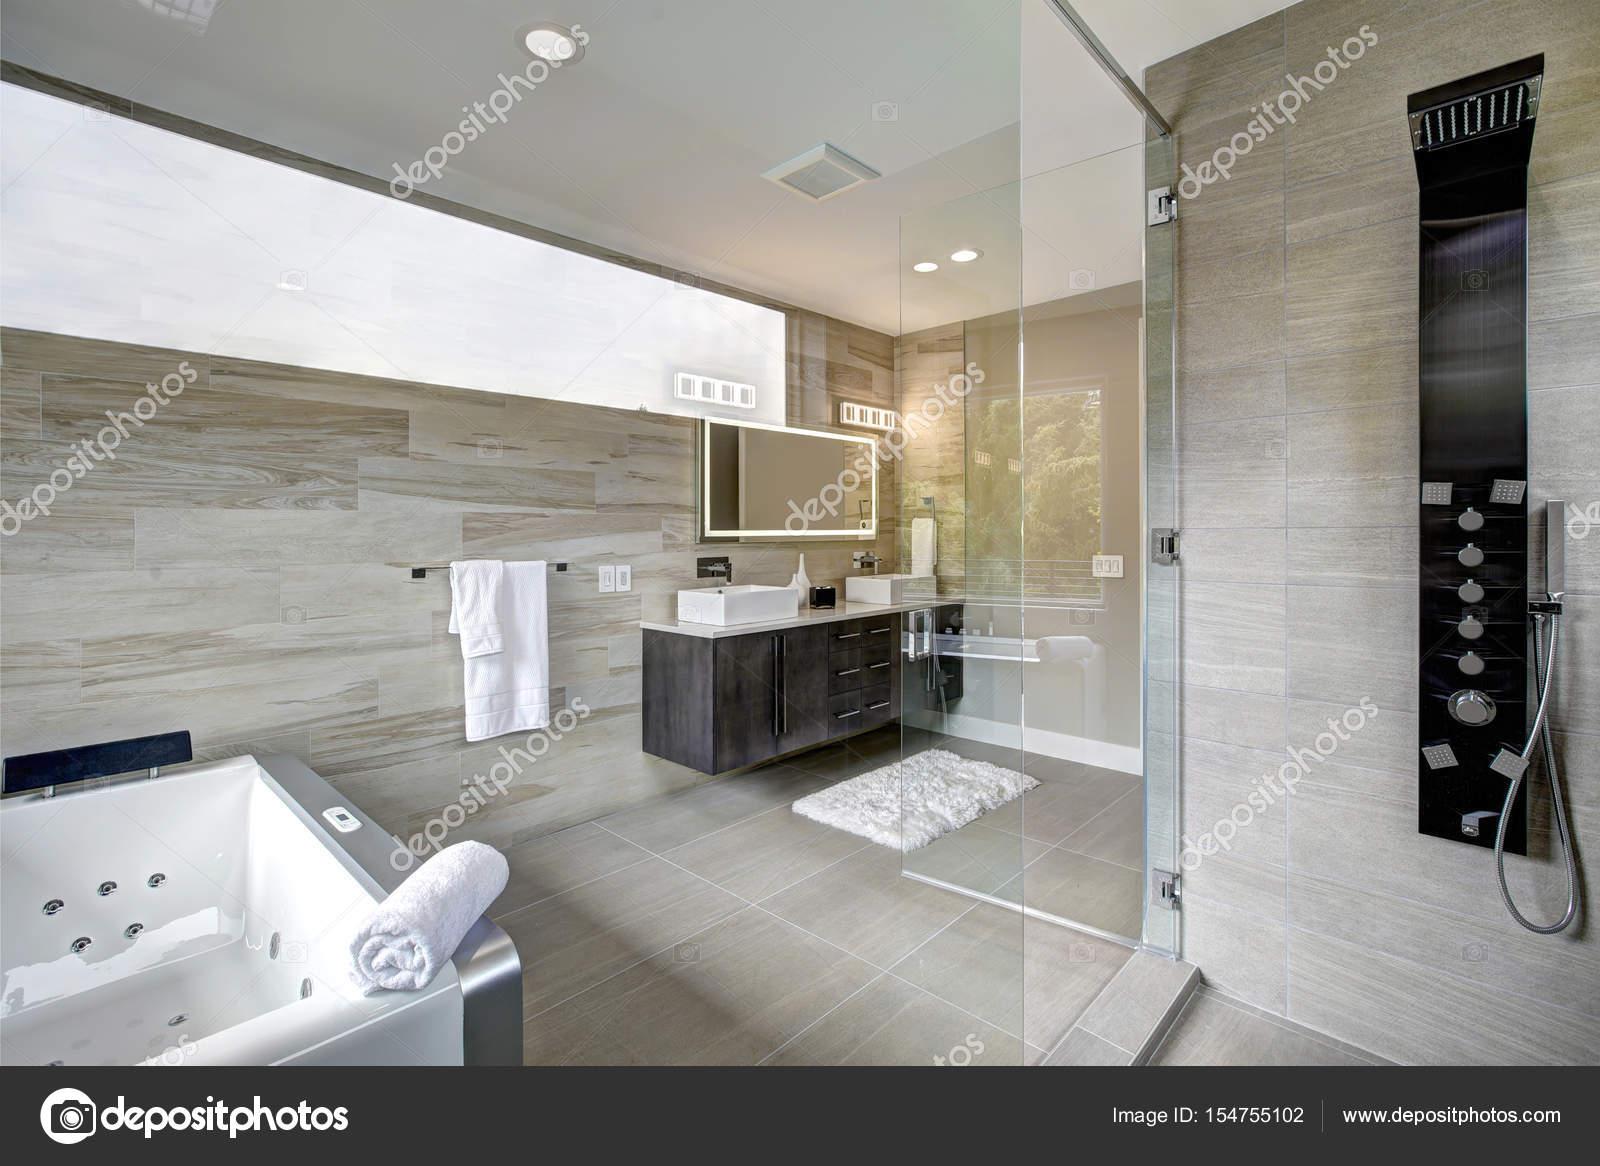 Modern badkamer interieur slaapkamer met badkamer ensuite nieuwe